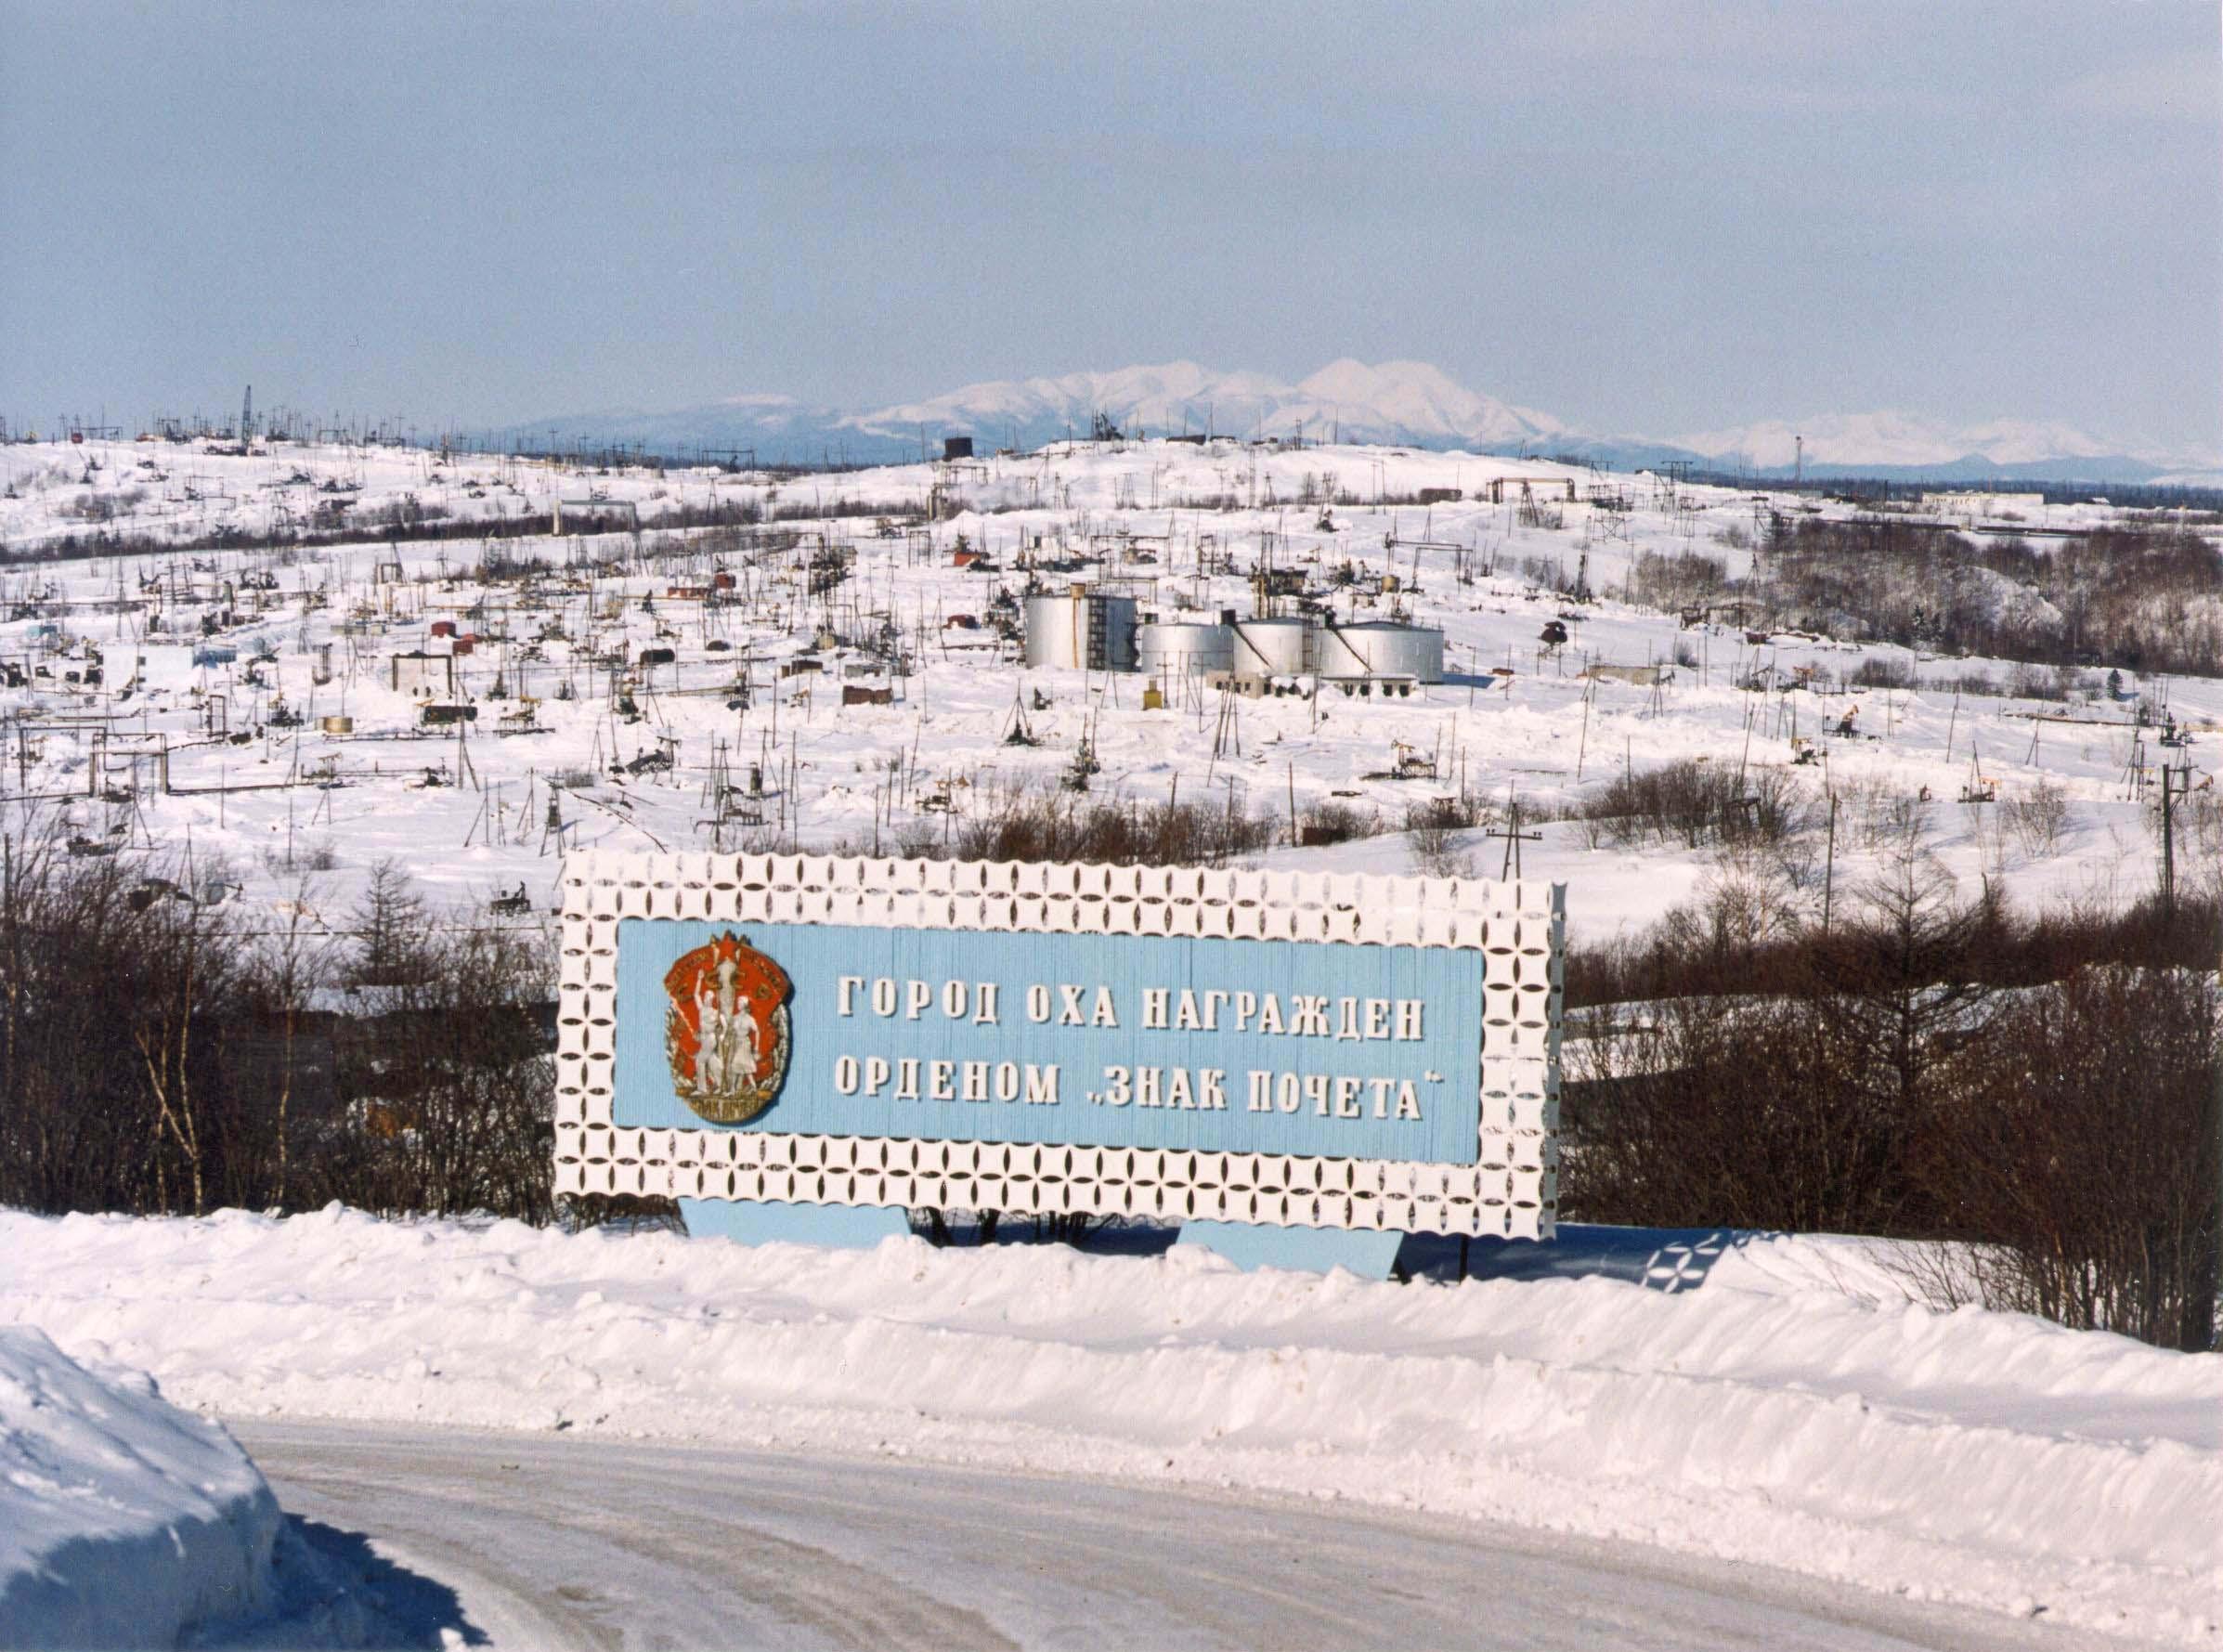 бесплатные знакомства в городе ульяновске